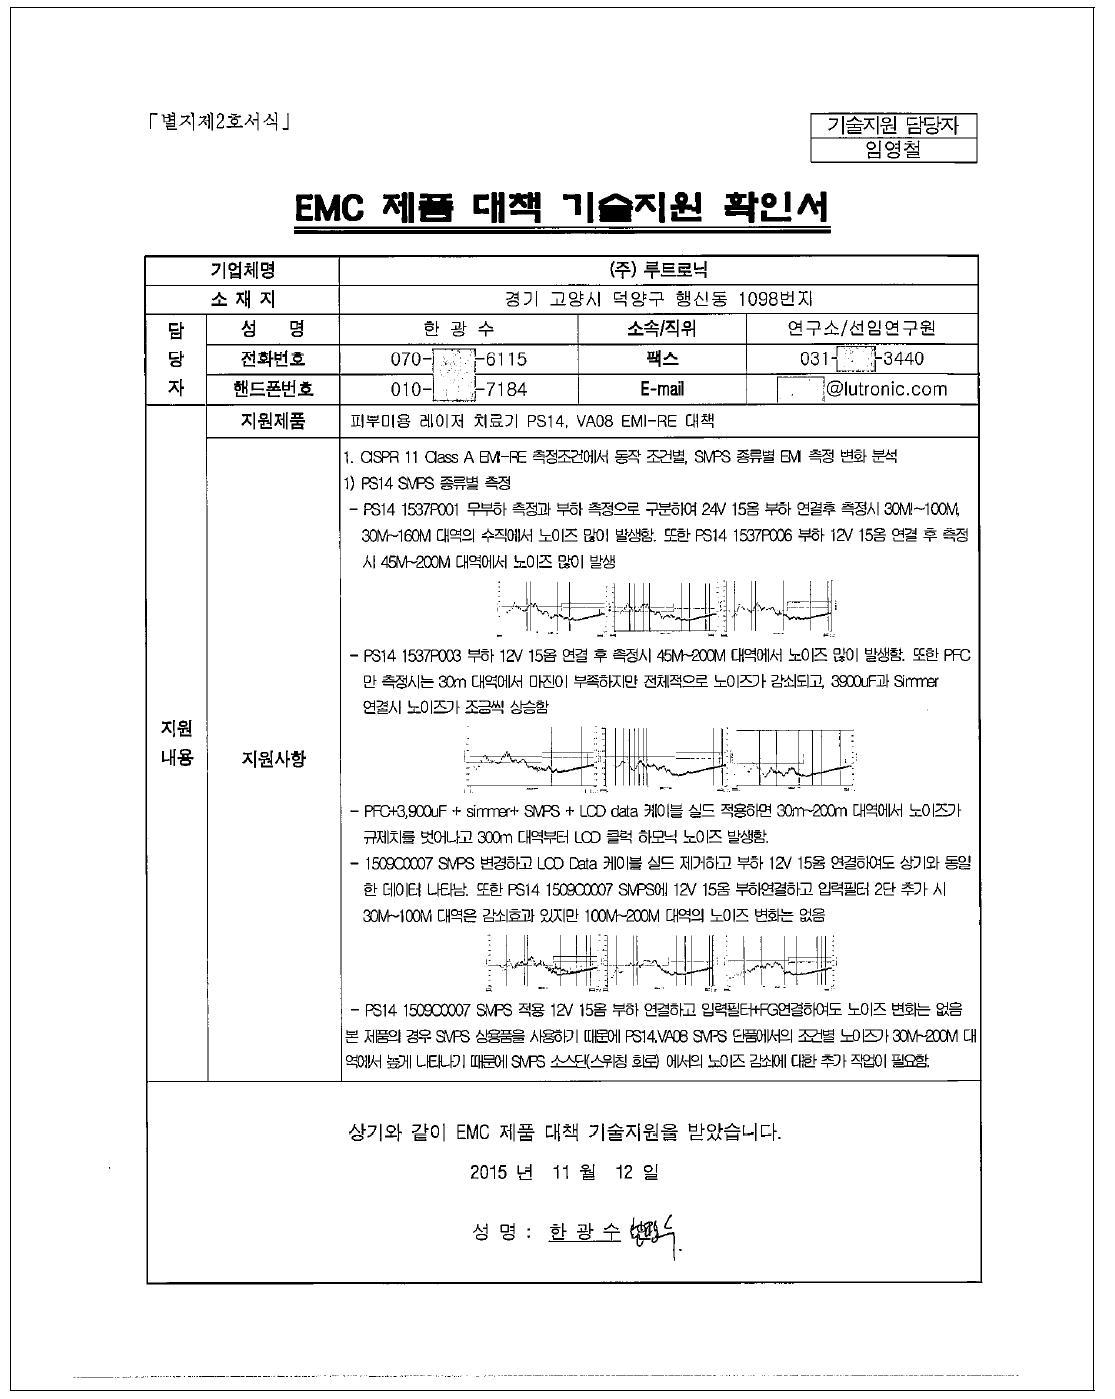 루트로닉, 피부미용 레이저 치료기 EMI-RE 제품 대책 기술지원